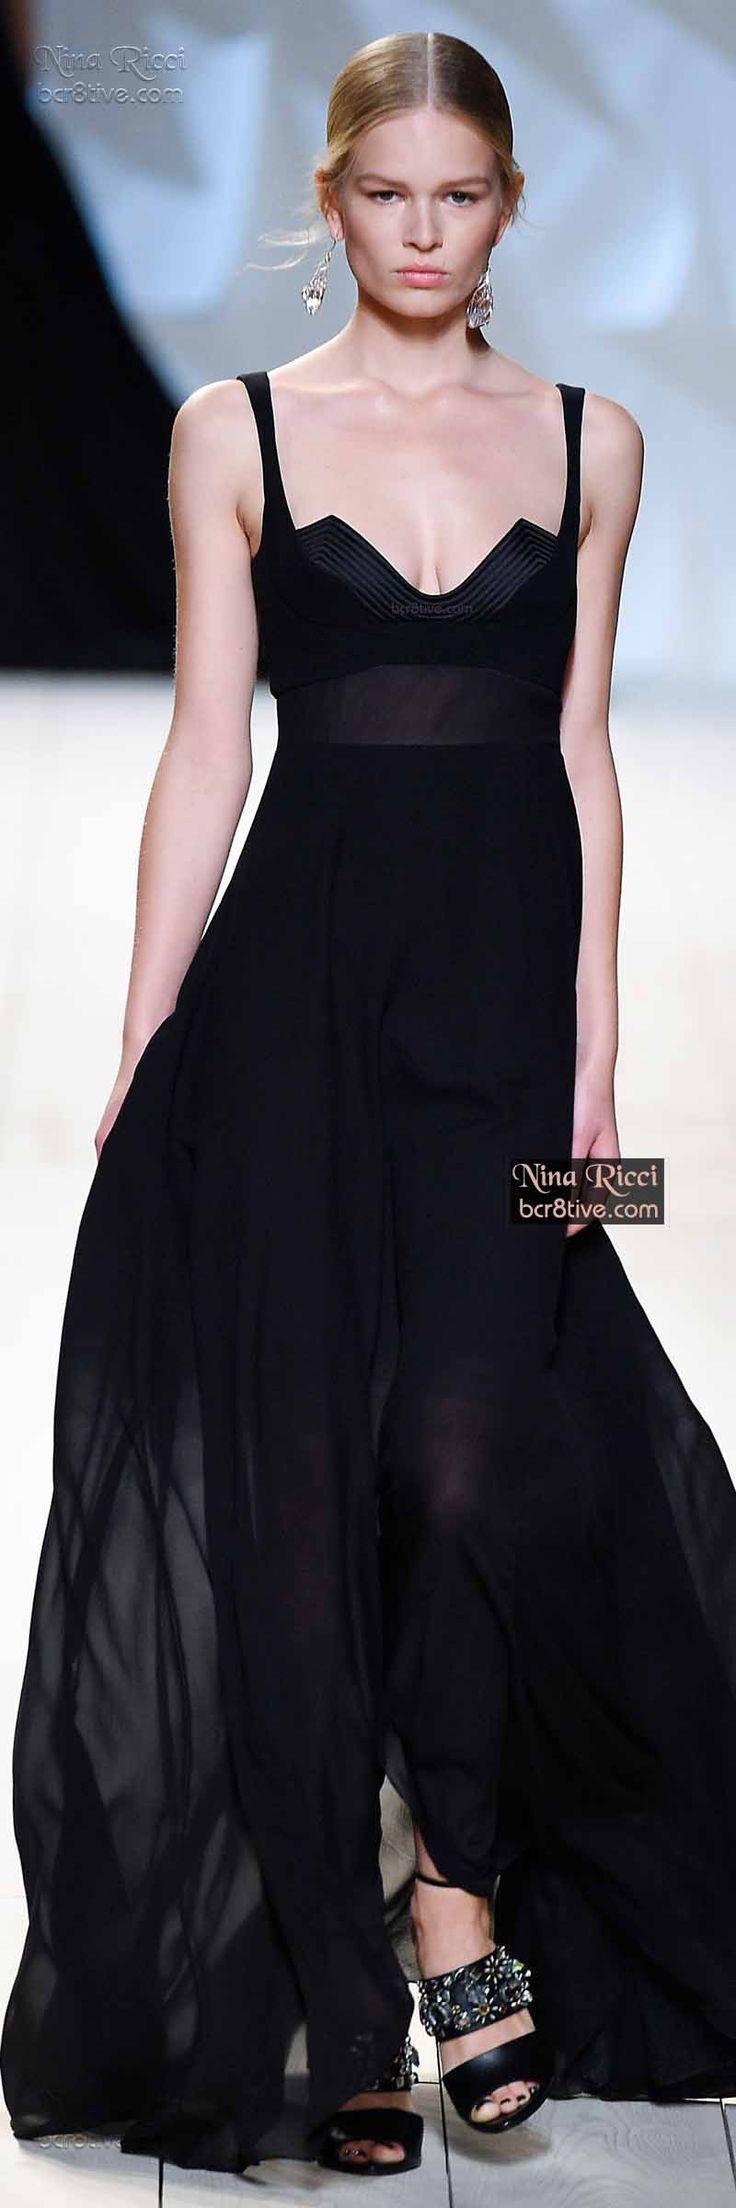 De la colección de Nina Ricci, vestidos largos para las fiestas de noche.